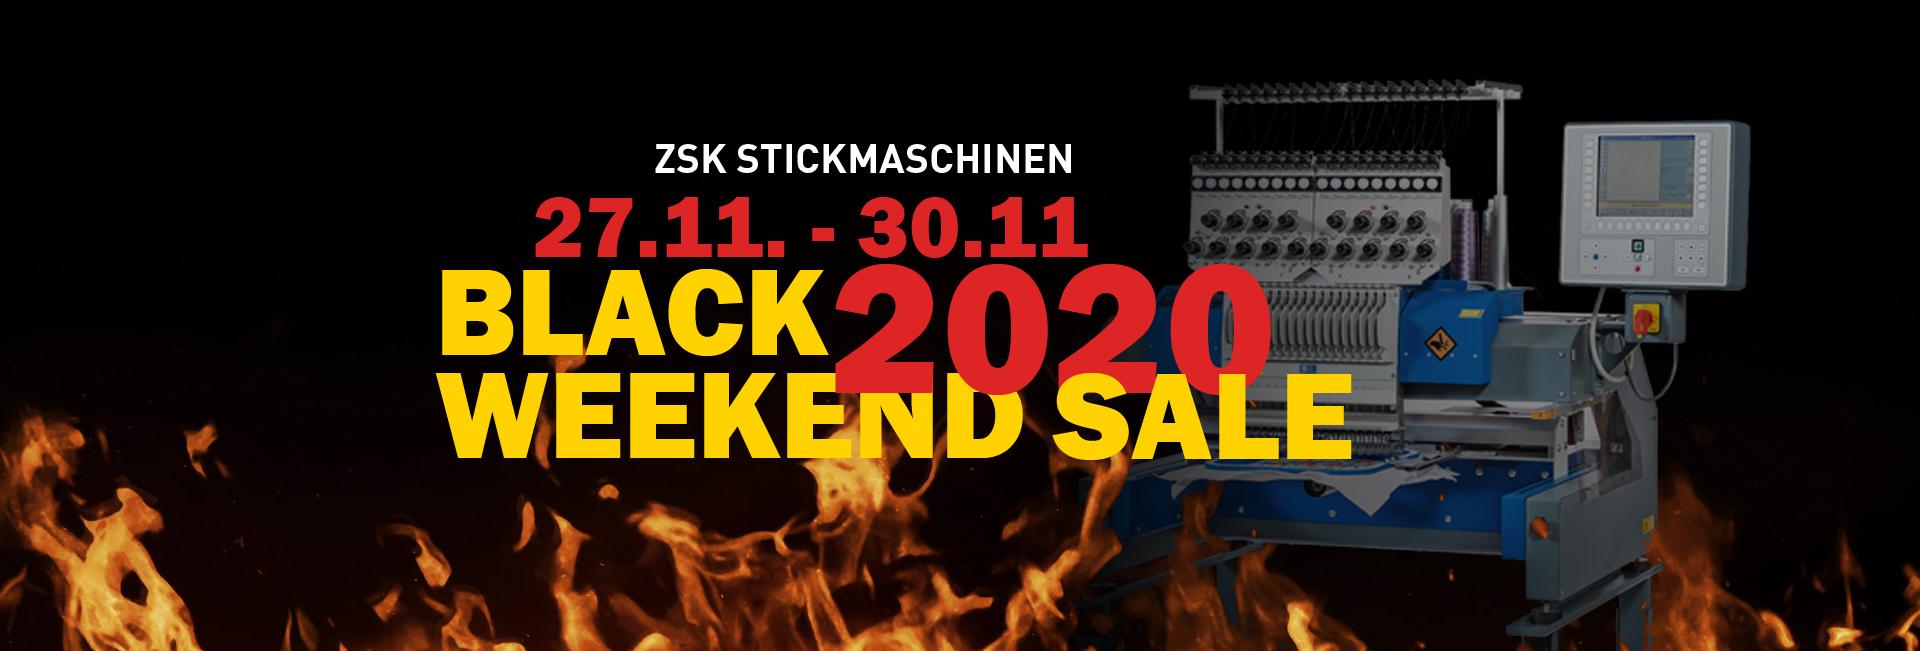 ZSK Black Weekend Sale 2020